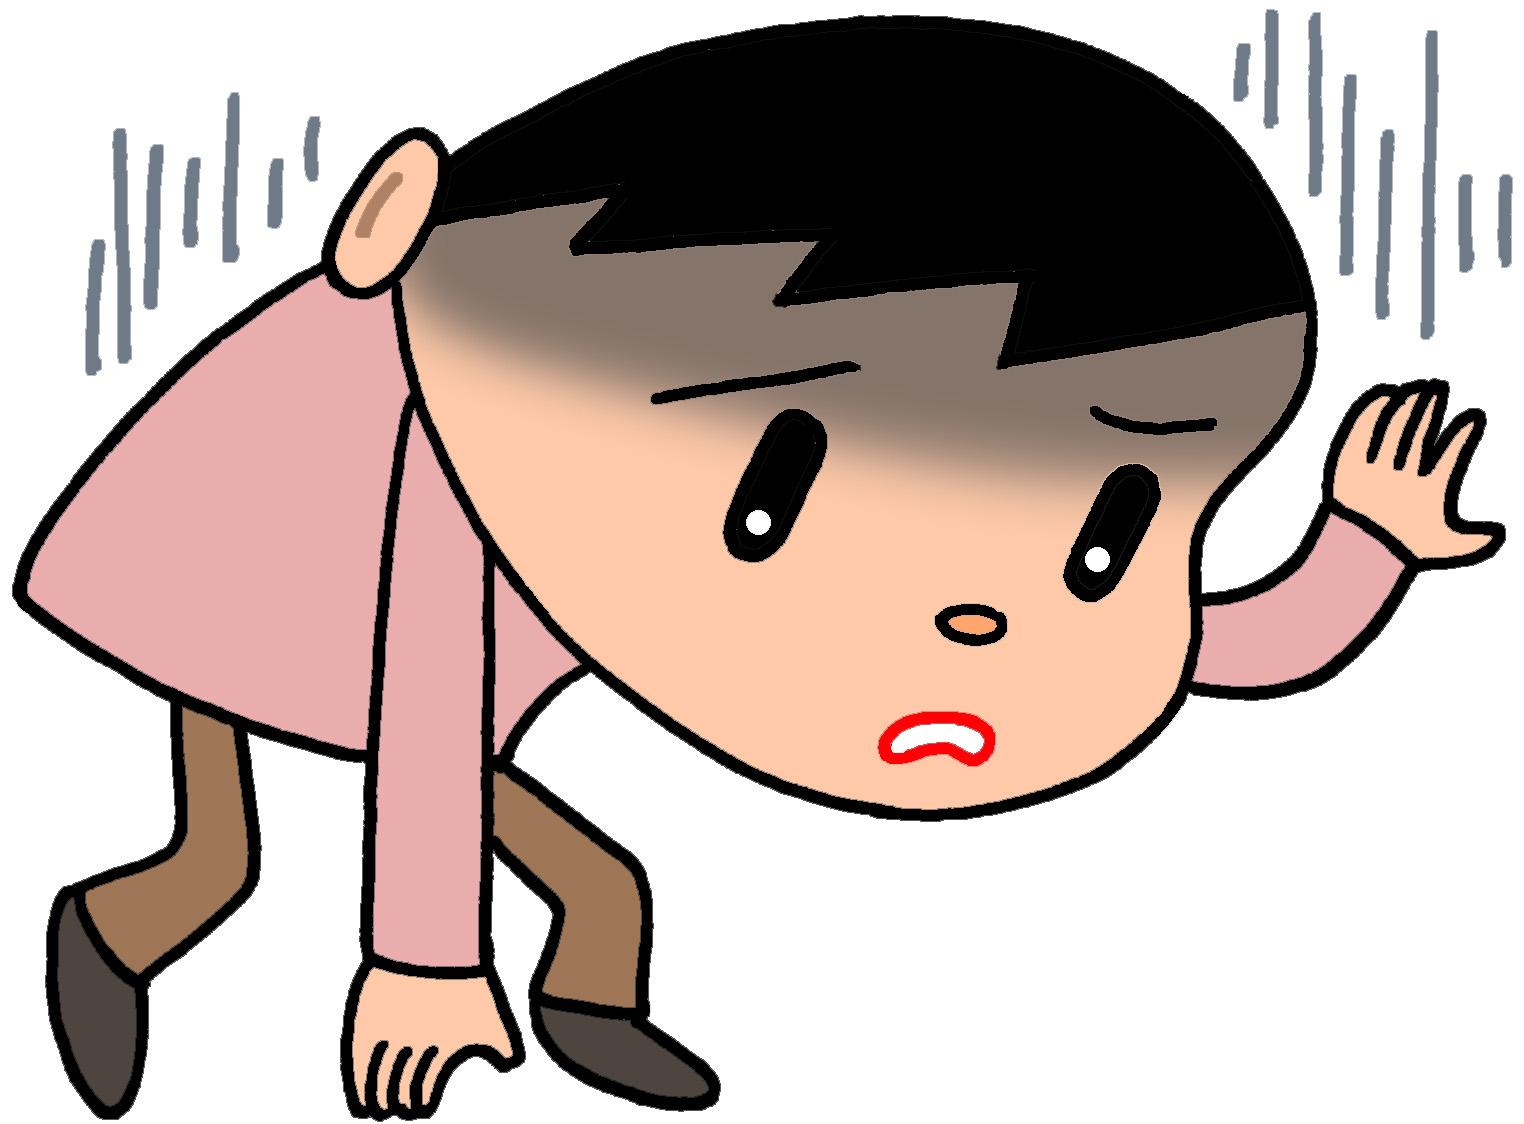 川島なお美さんが頼った「ごしんじょう療法」とは